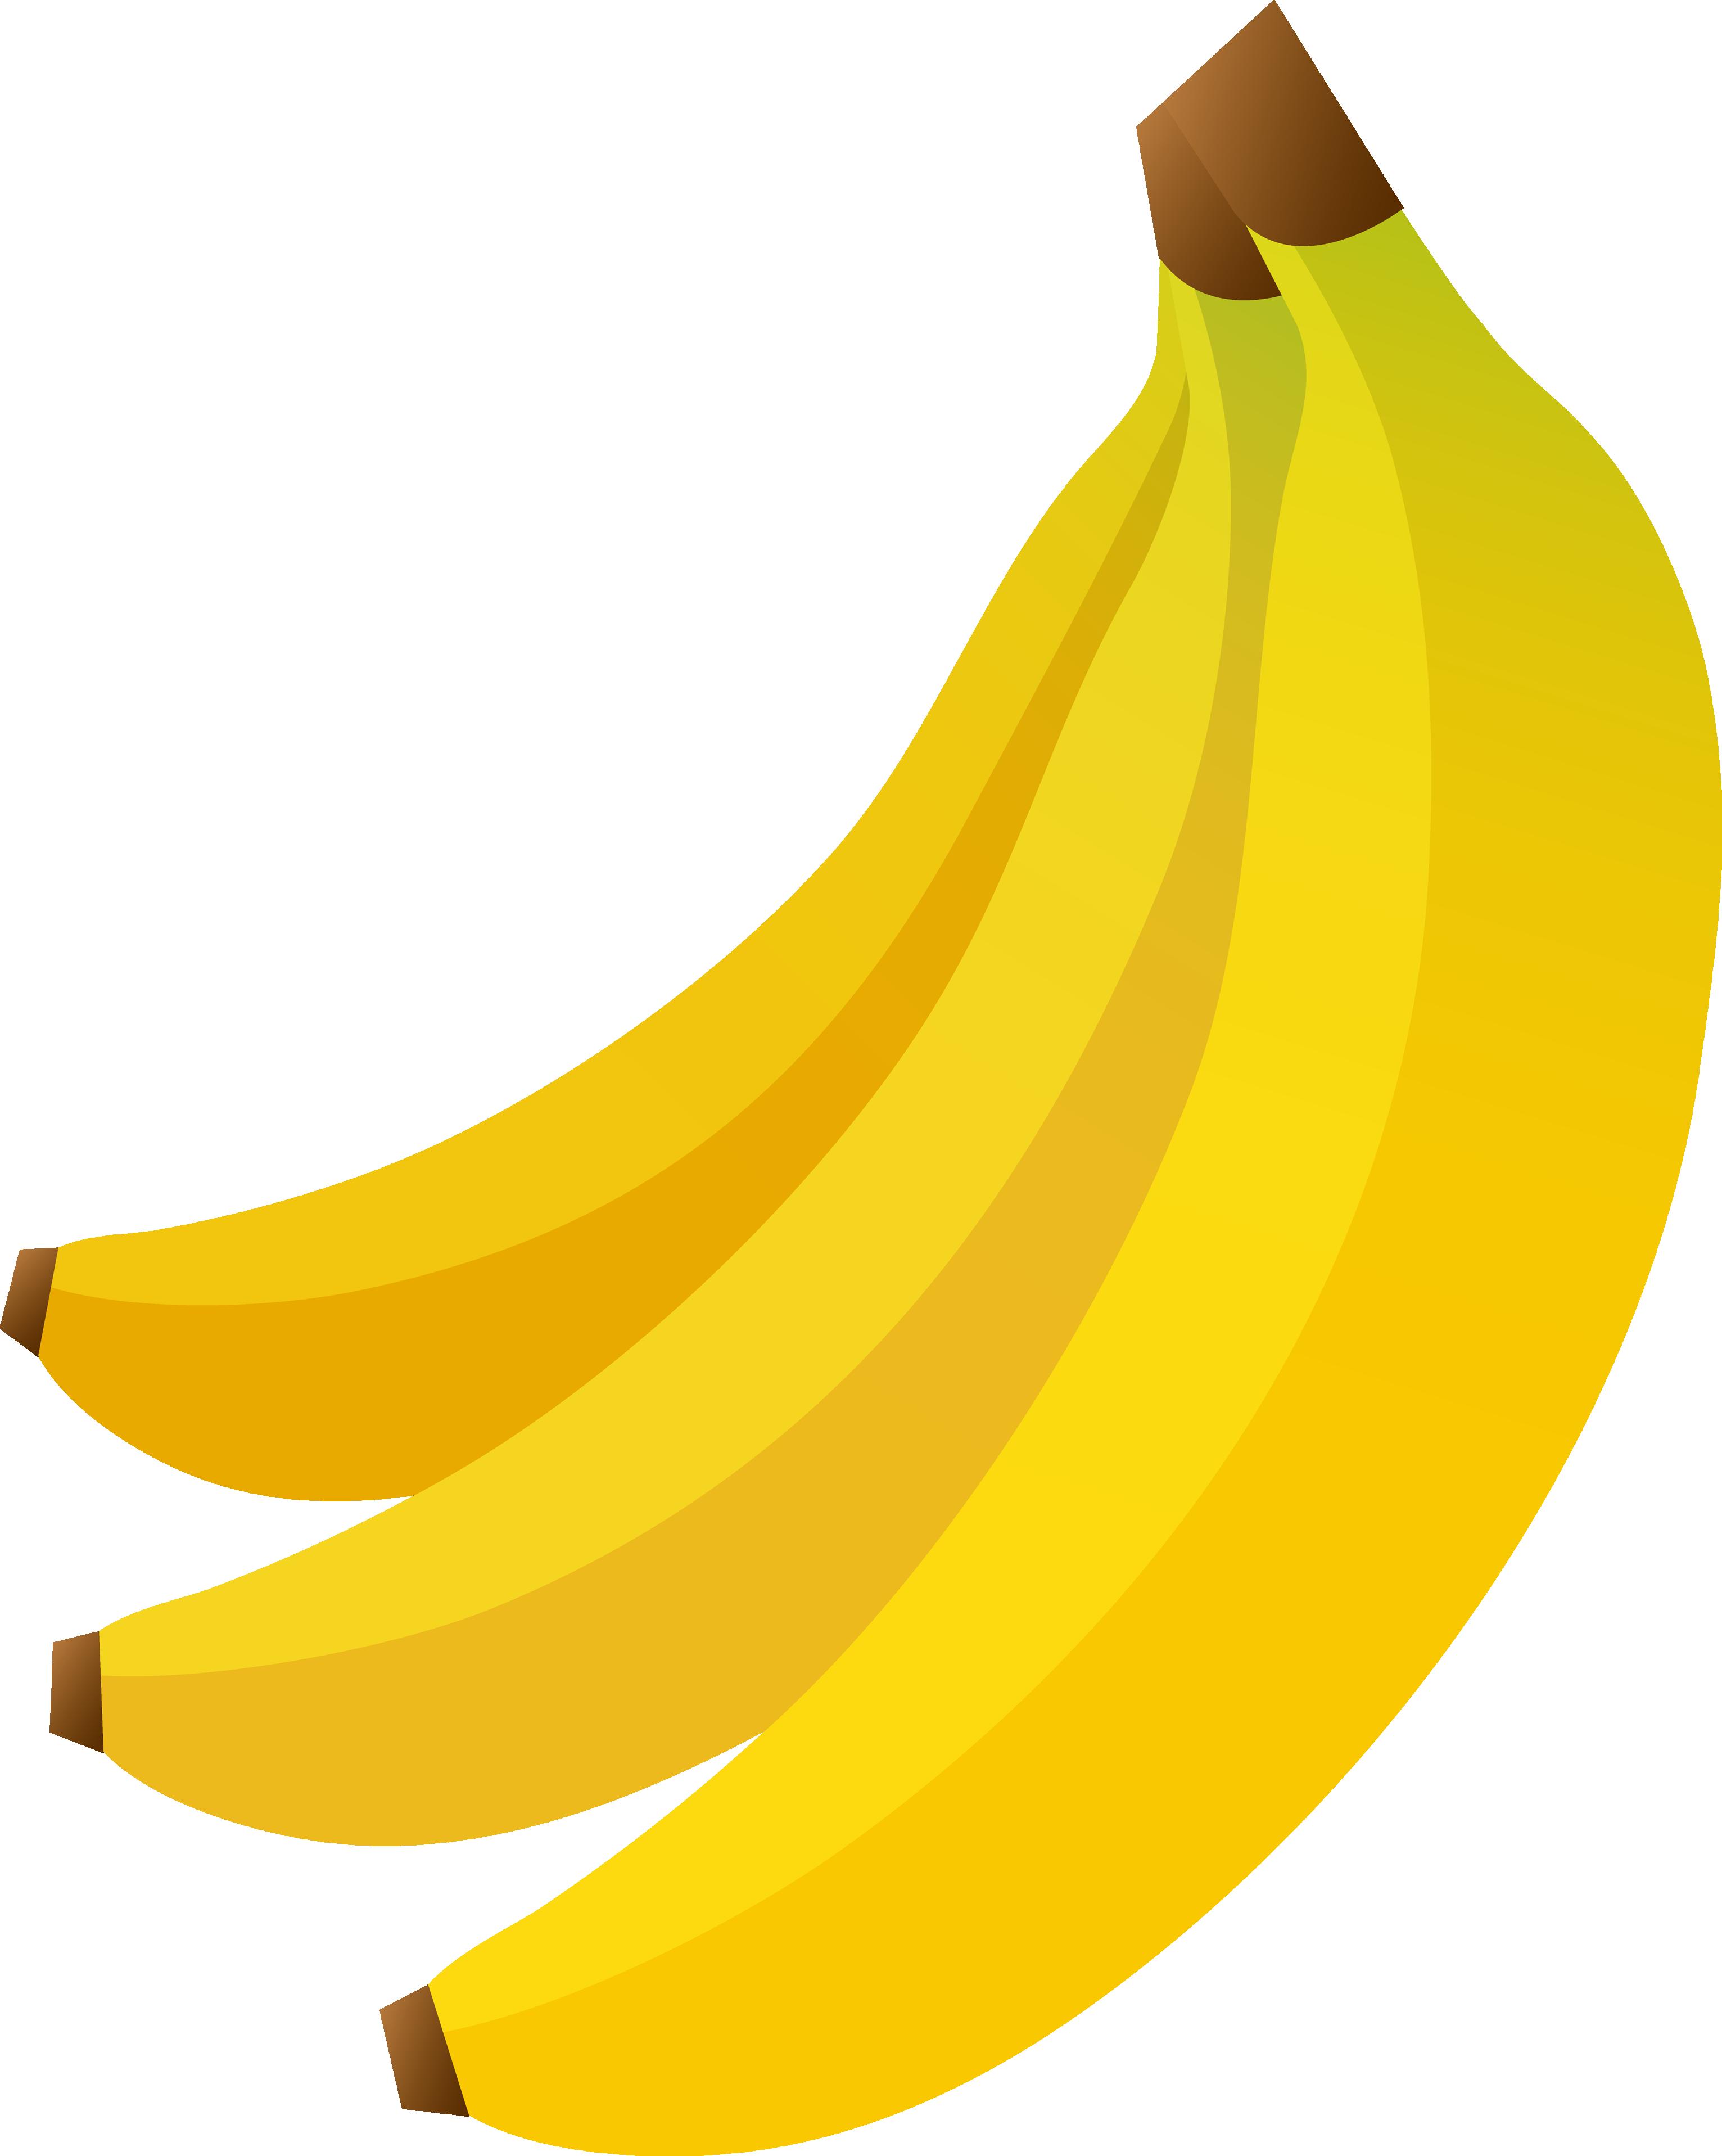 image library library Banana png image free. Bananas vector